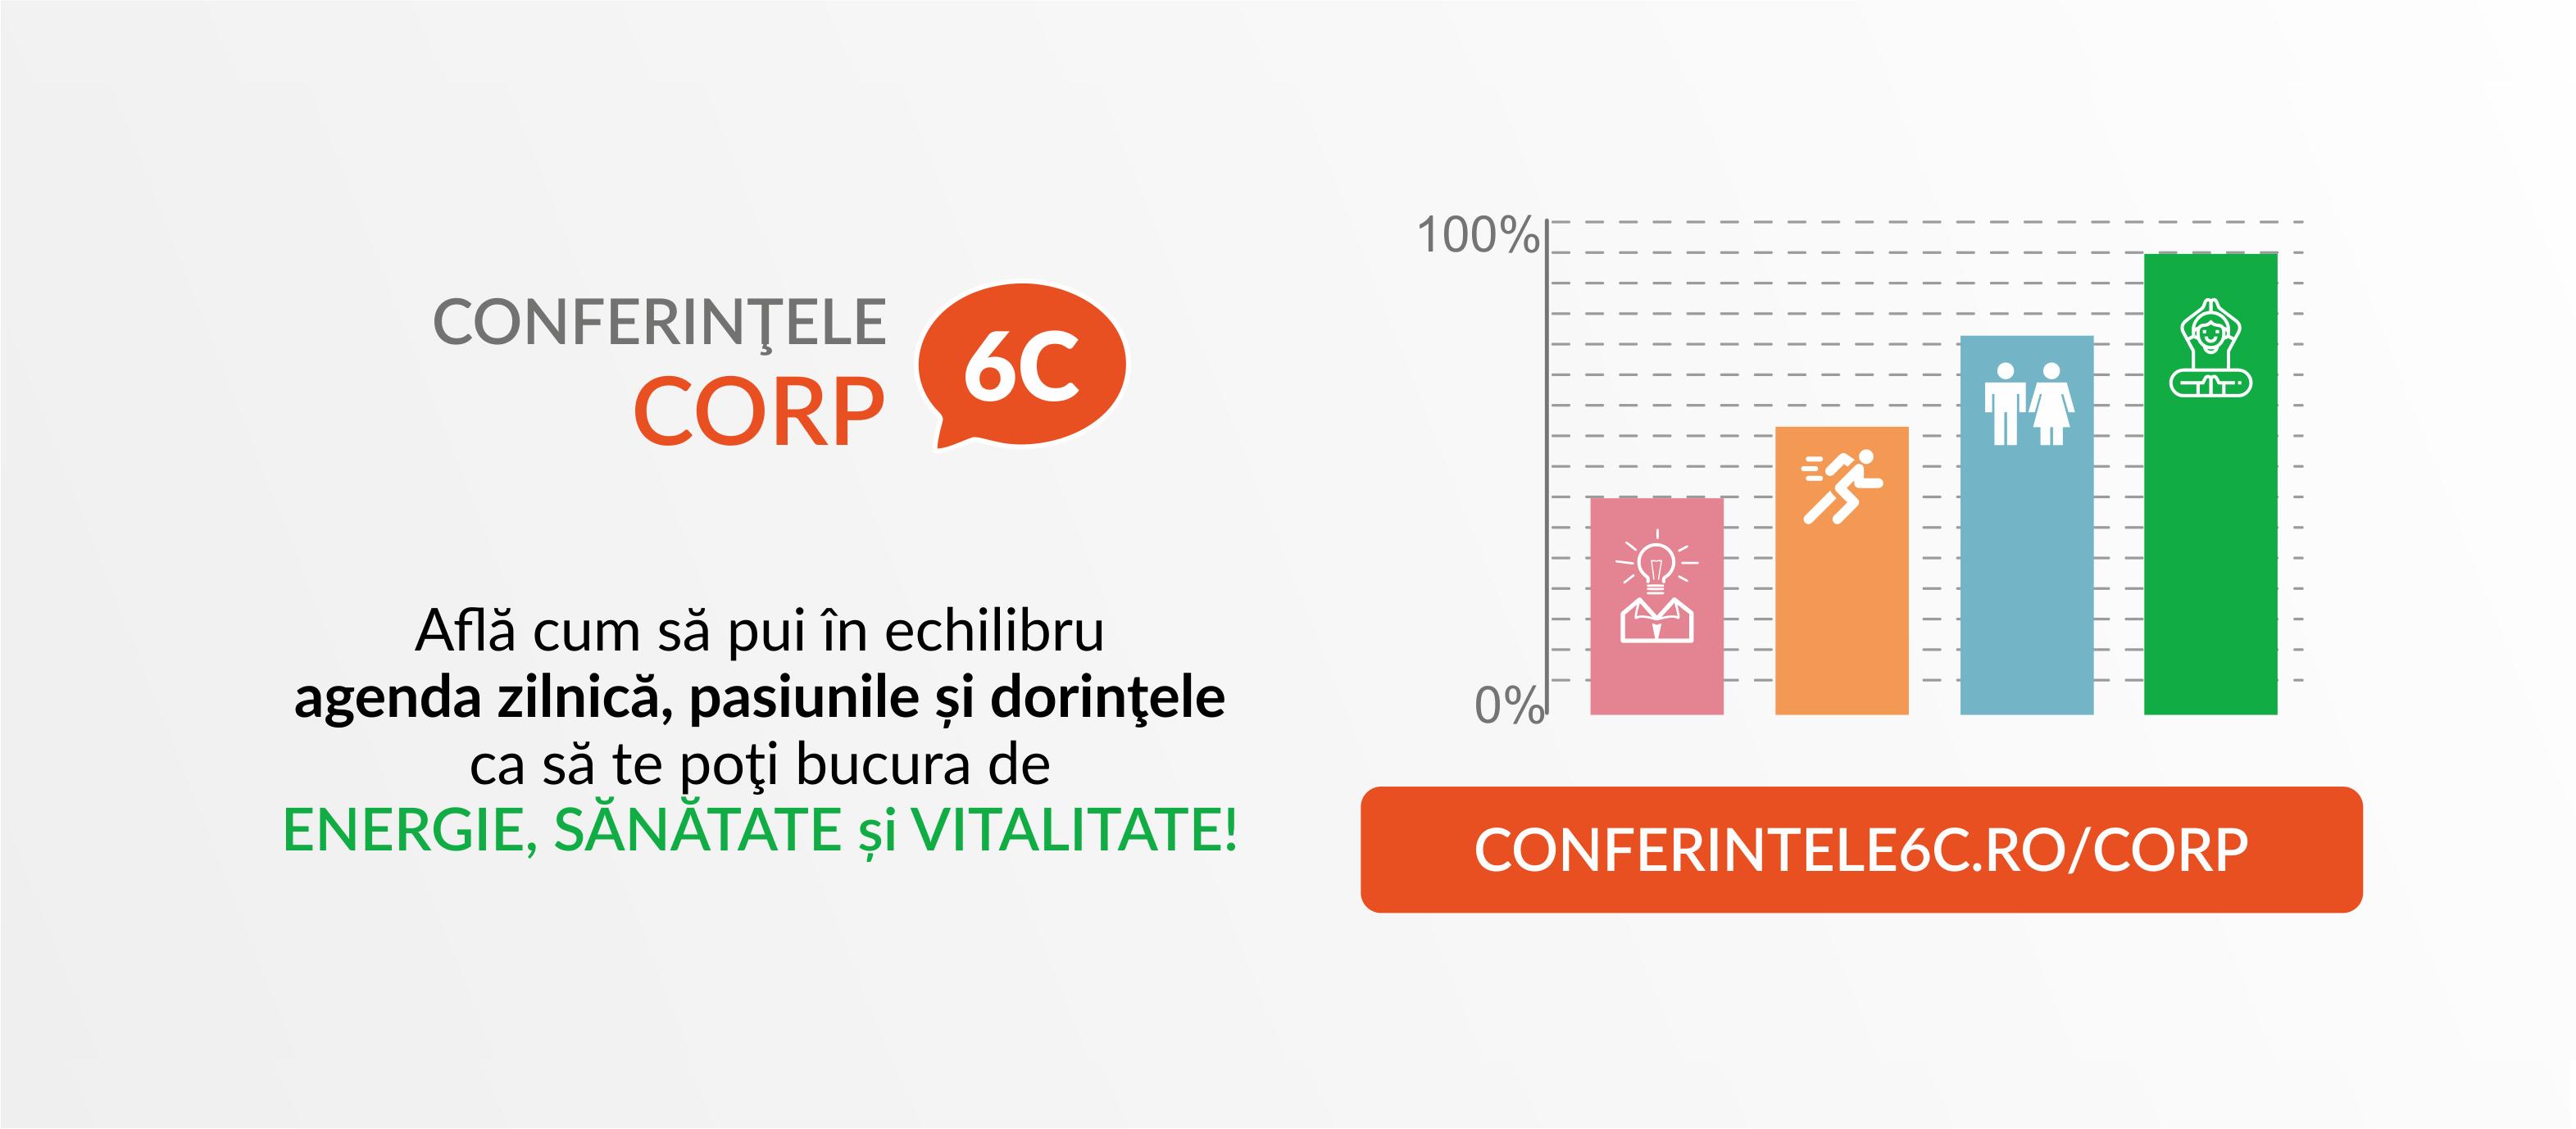 Conferinta 6C Corp! Armonizează-ți MINTEA, CORPUL și EMOȚIILE și bucură-te de ENERGIE, SĂNĂTATE și VITALITATE!